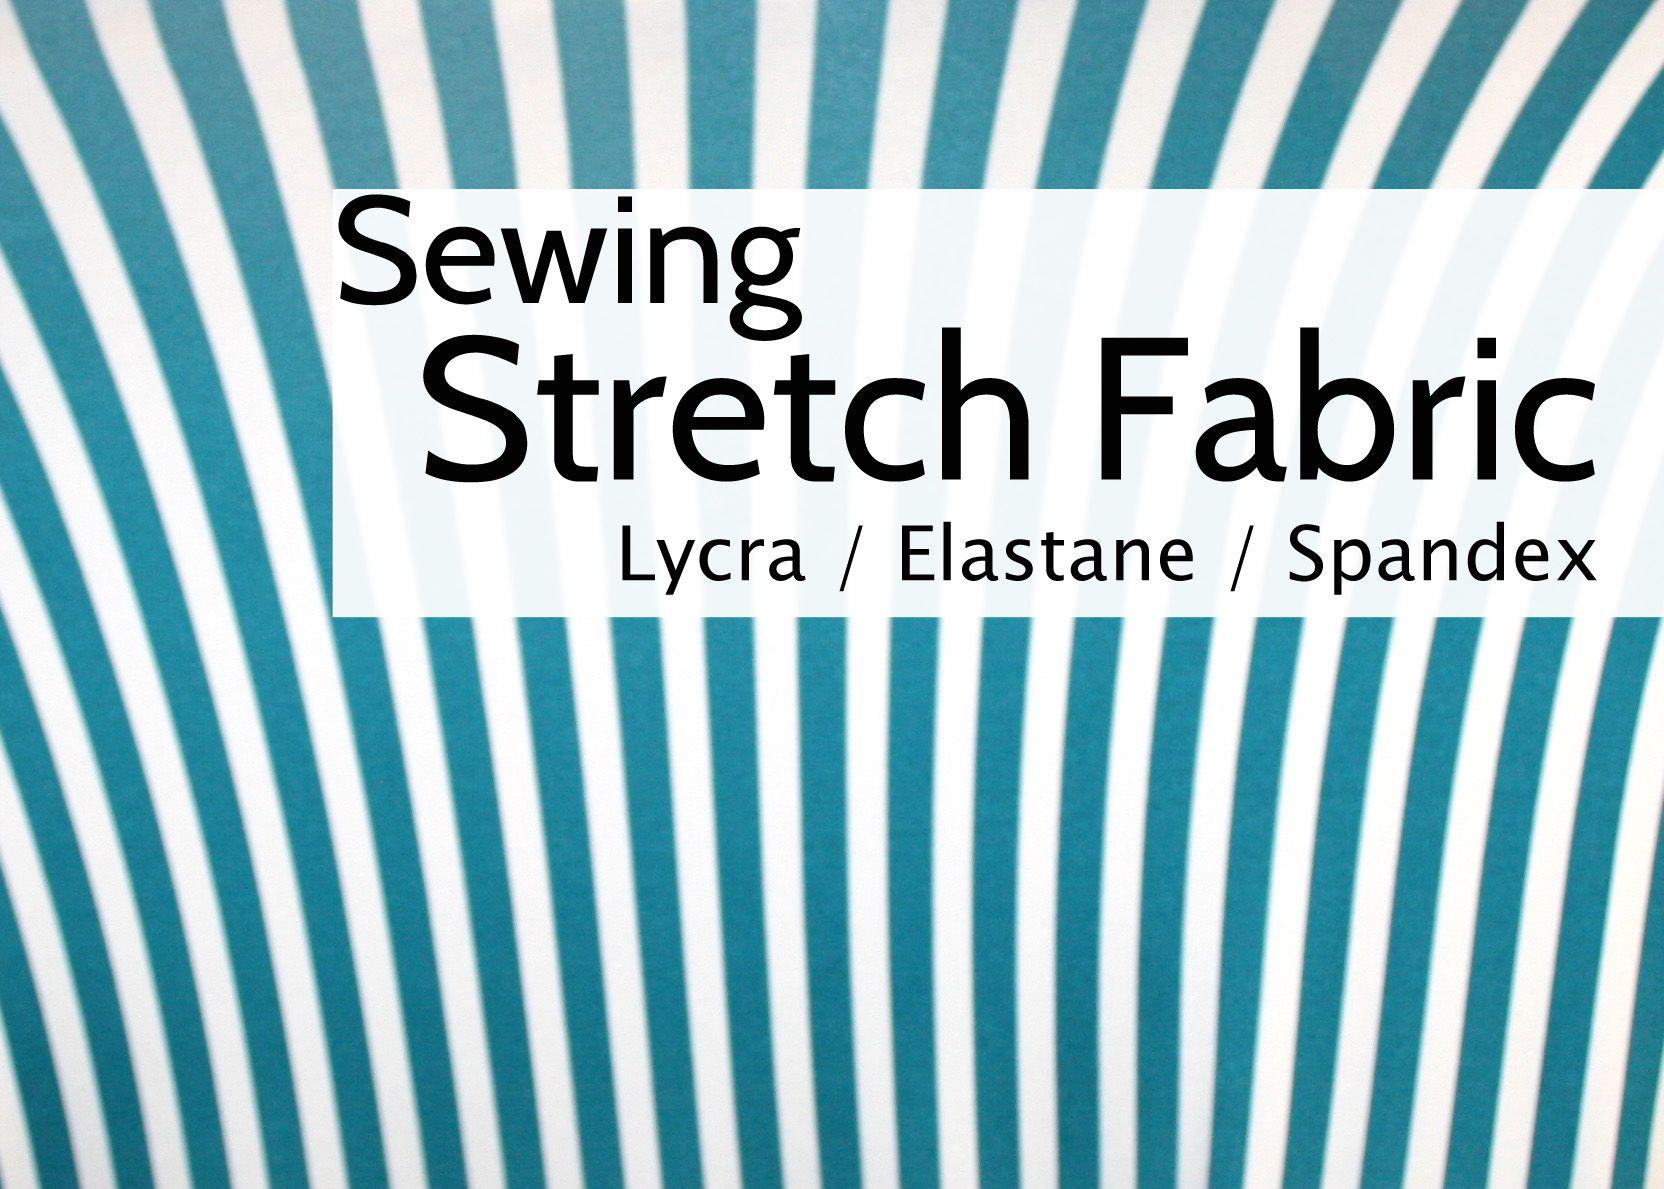 Sewing Lyrca Spandex Elastane Sewing Elastic Sewing